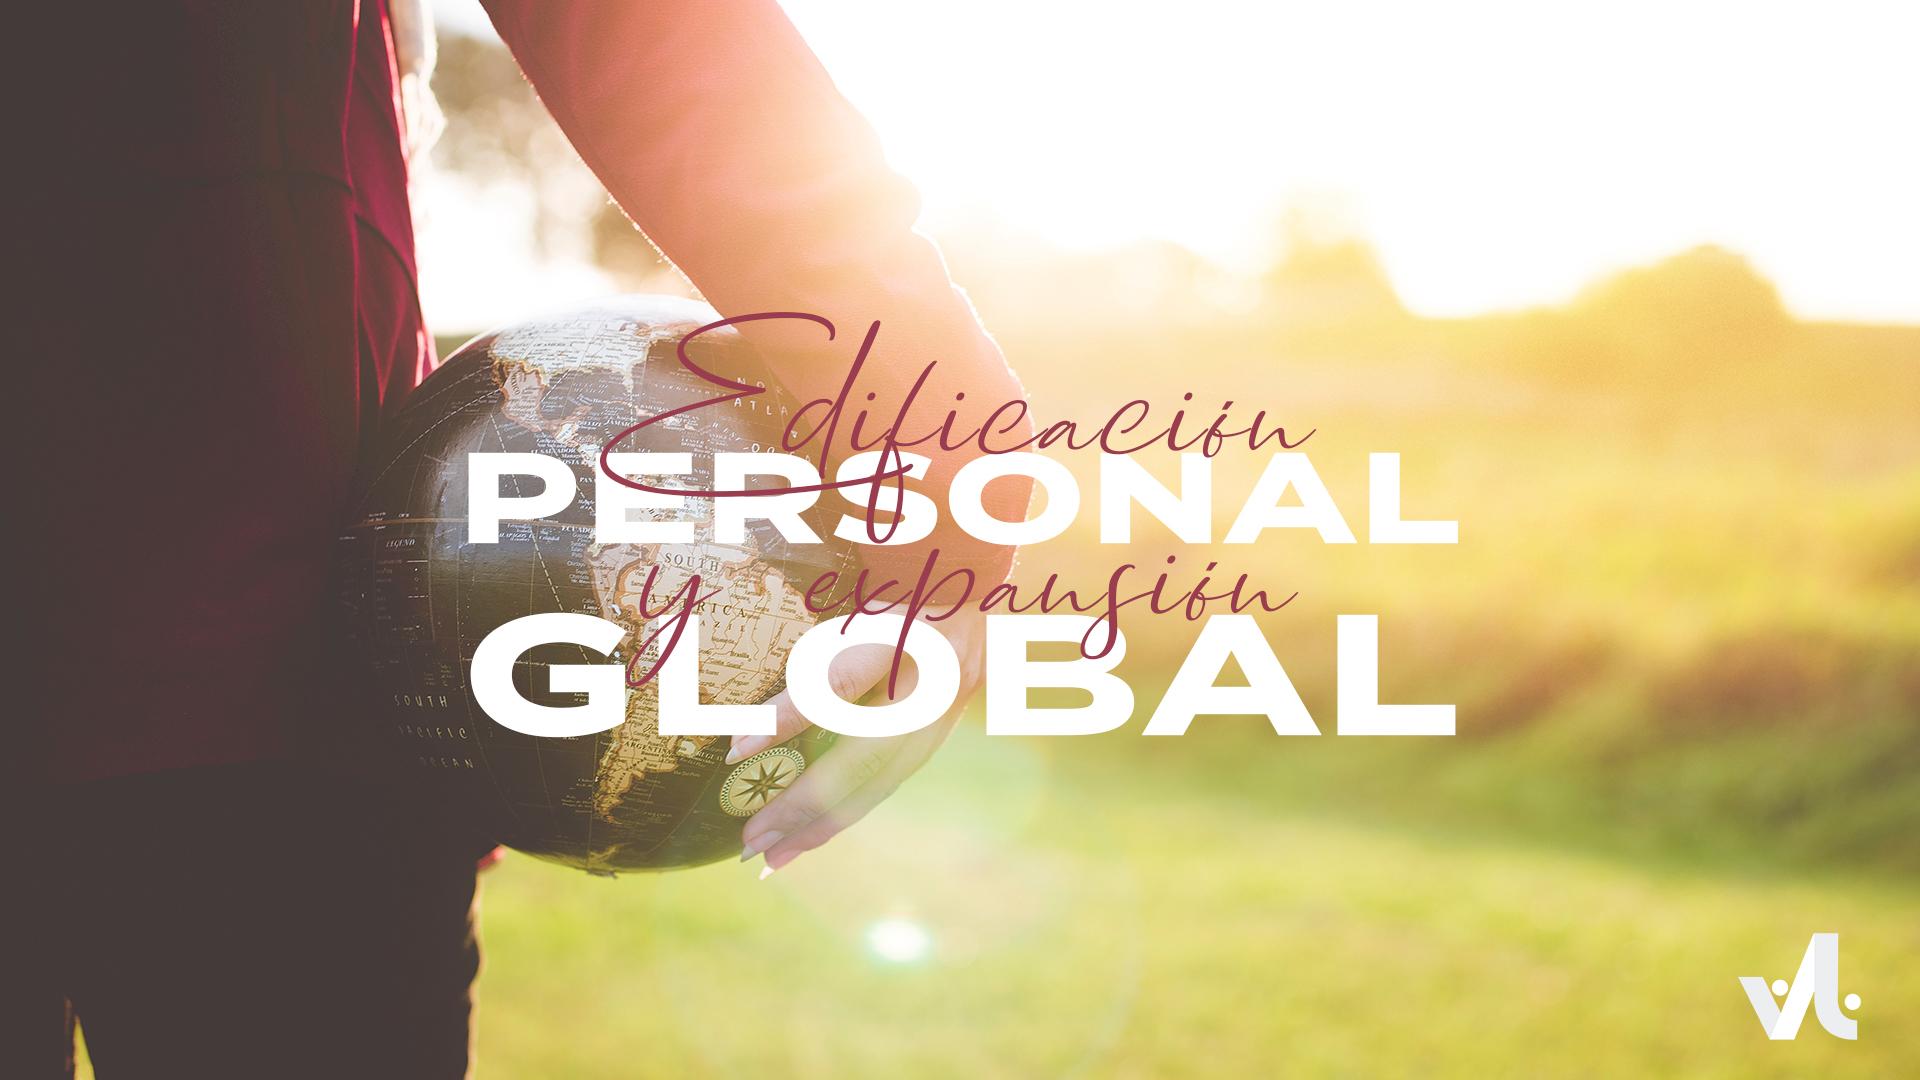 Edificación Personal y Expansión Global